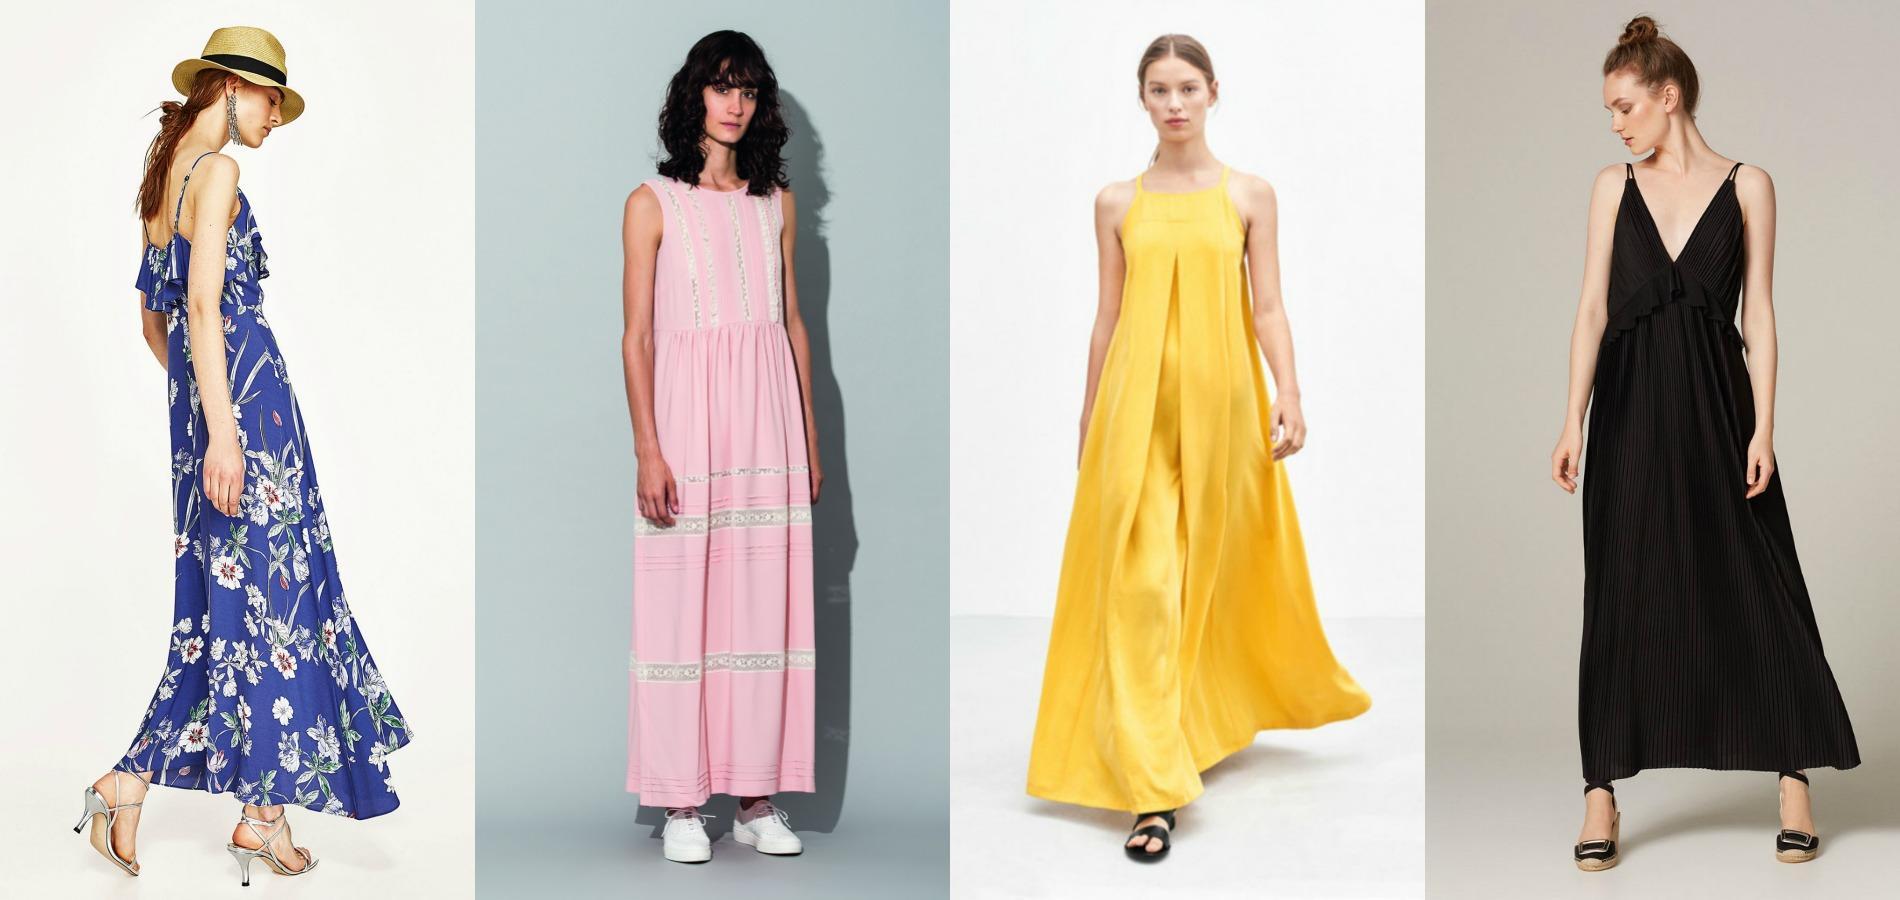 Comment porter une robe longue quand on est petite madame figaro - Quand commence les soldes d ete 2017 ...